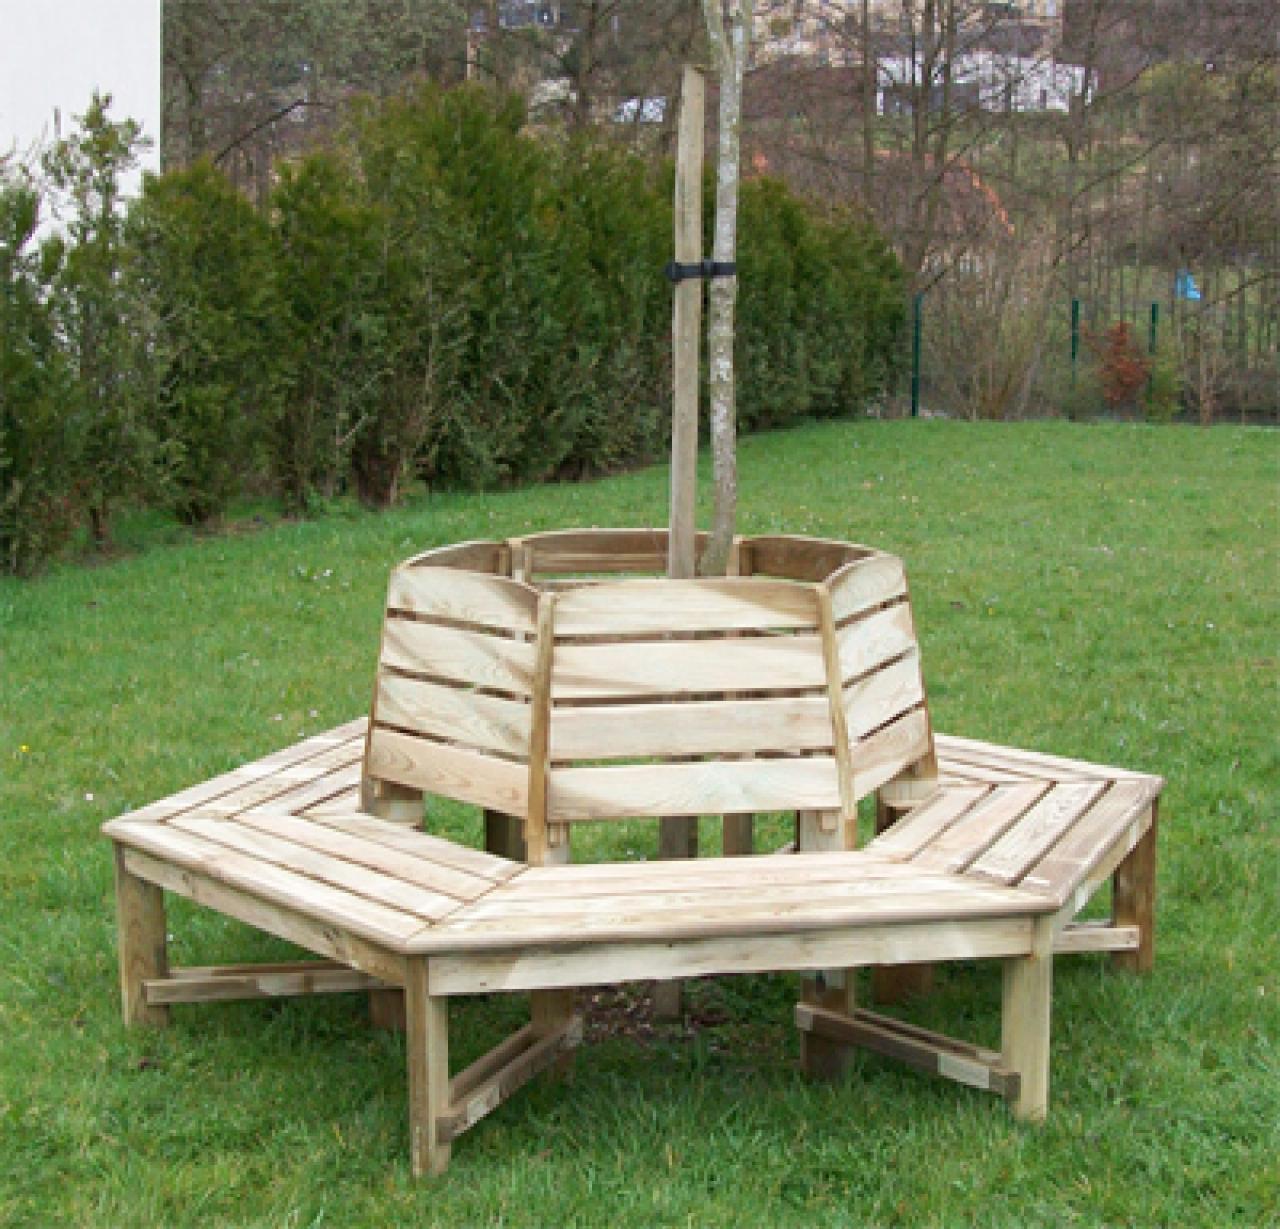 Banc tour d\'arbre - Mobilier de jardin en bois 27 - FLBC